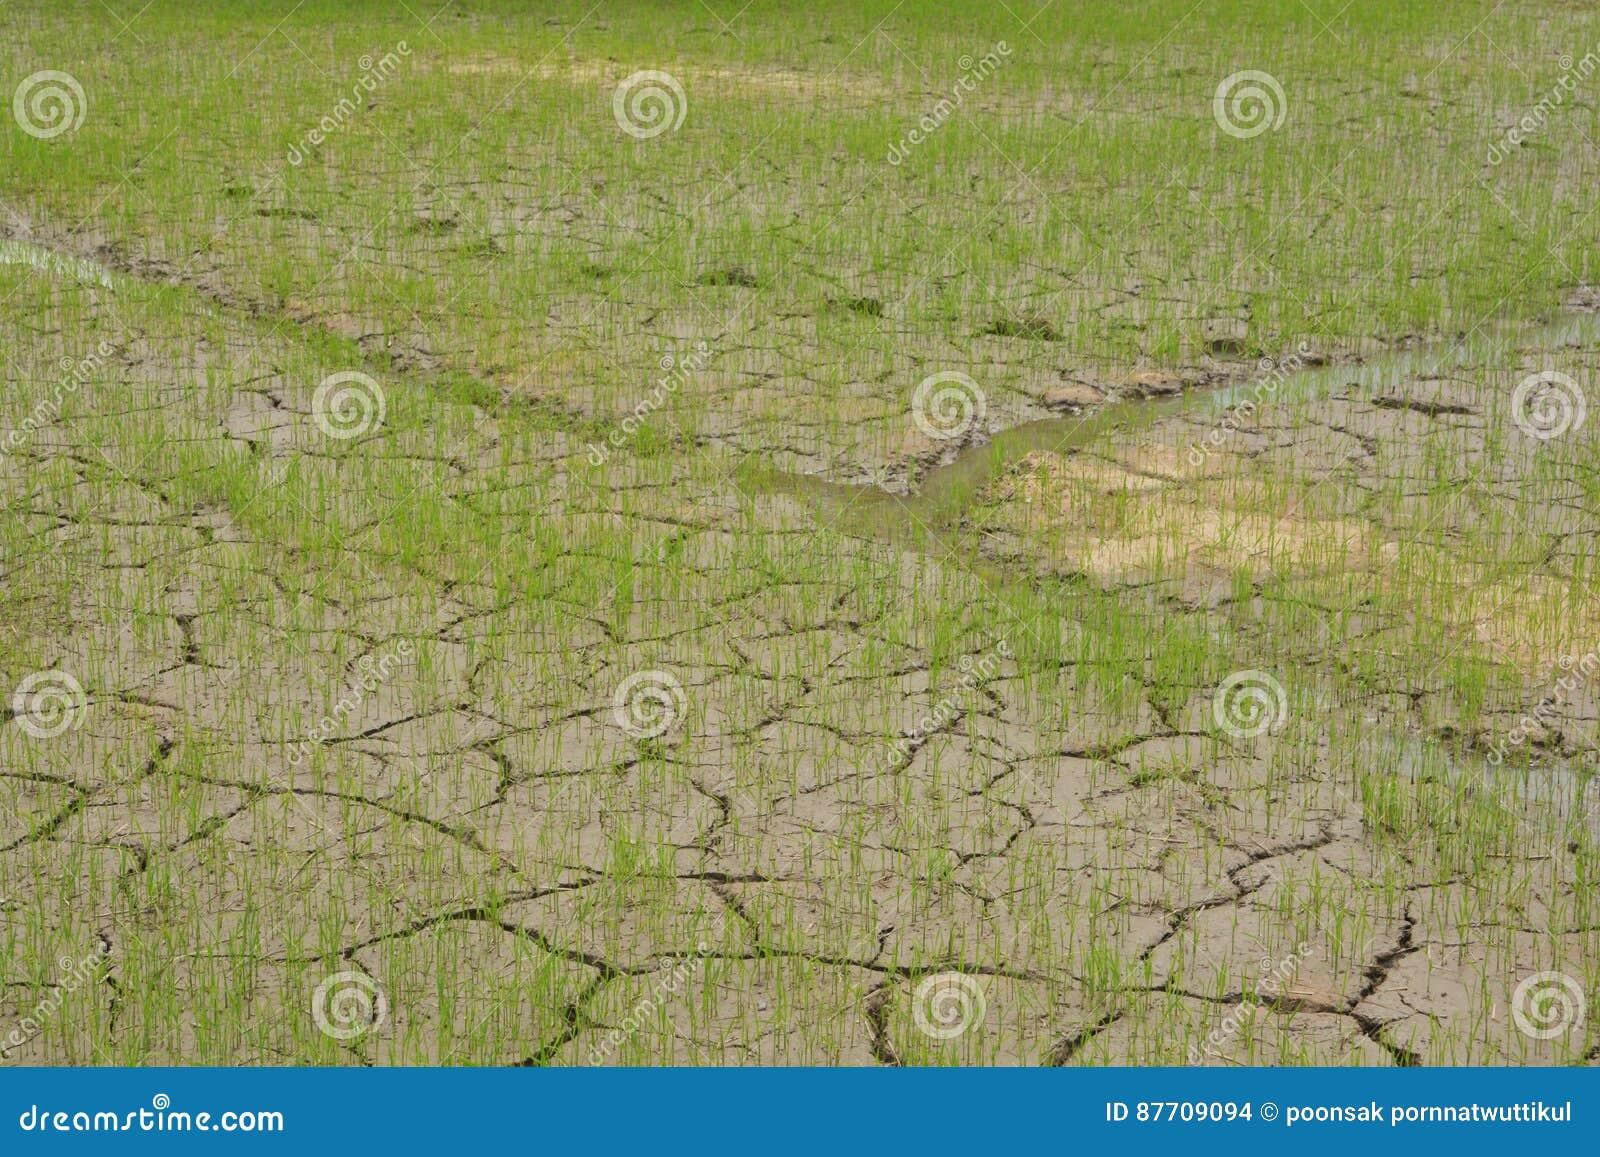 Texture des fissures dans la terre